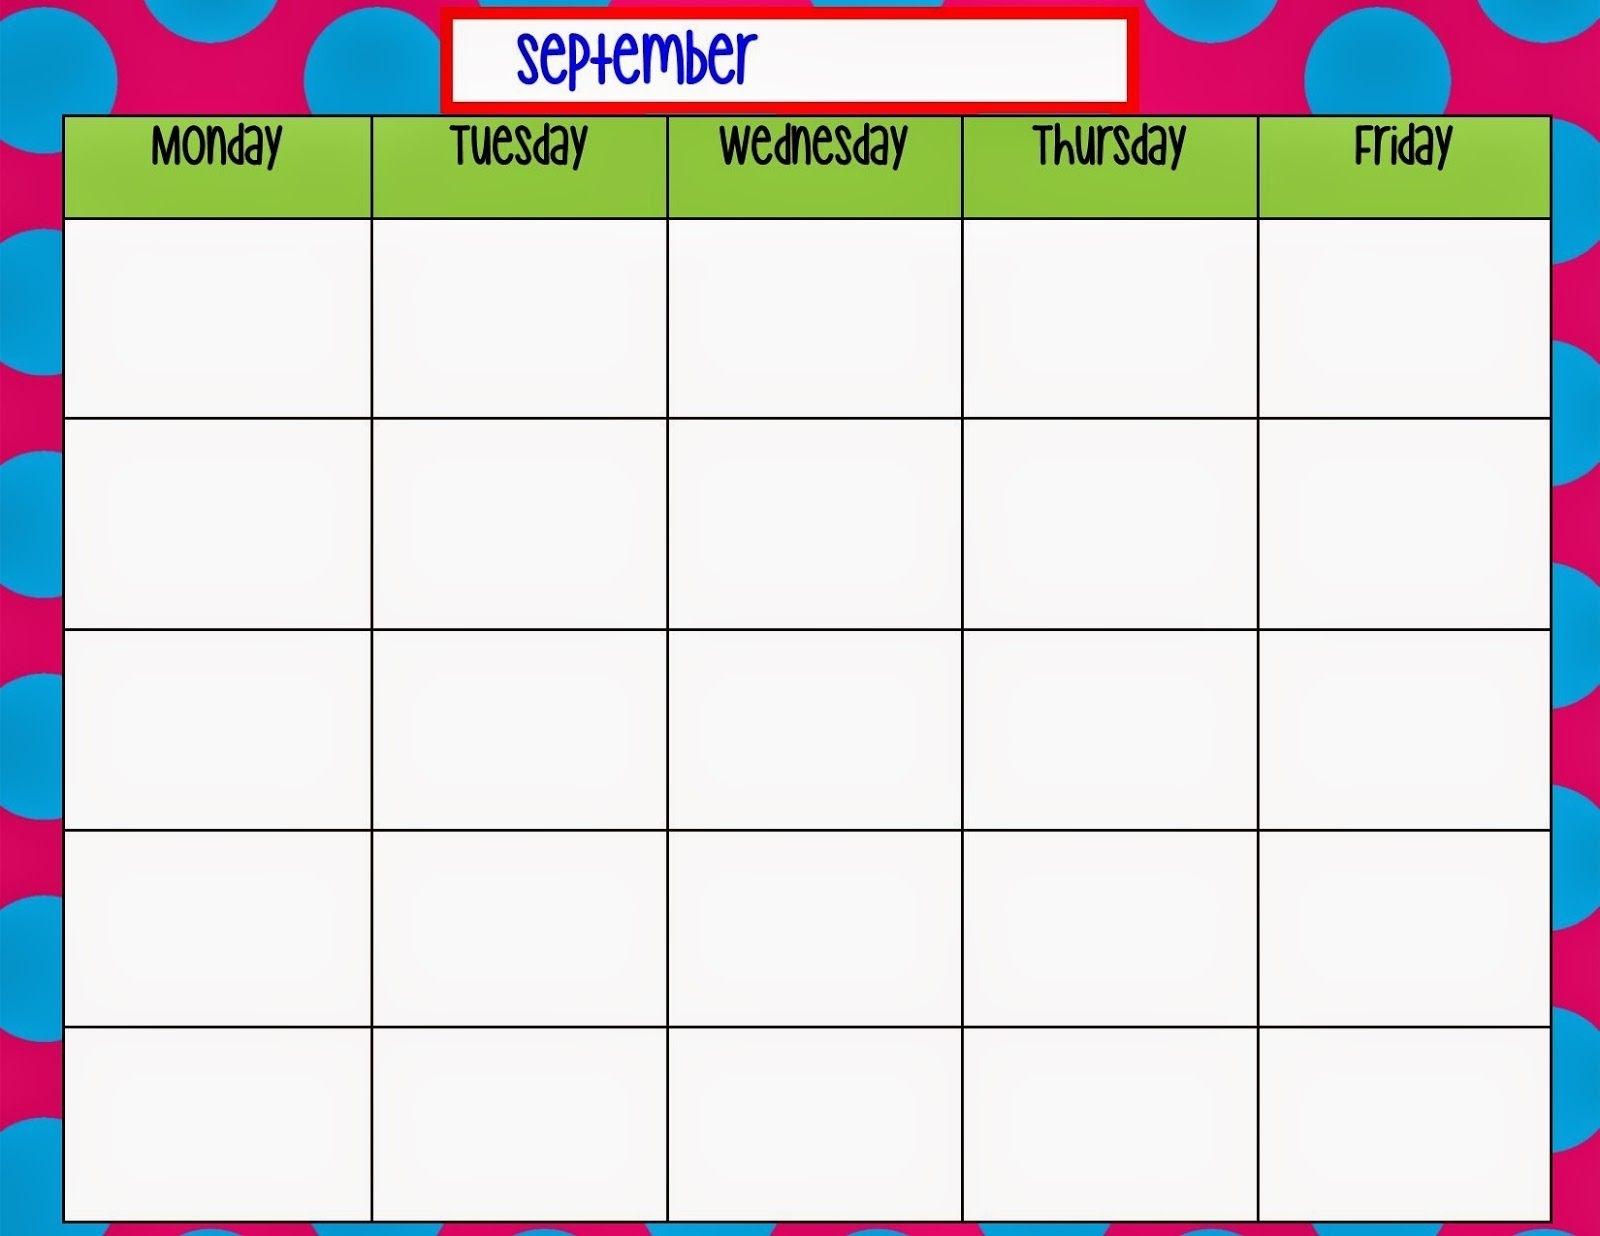 Monday Through Friday Schedule Printable - Calendar